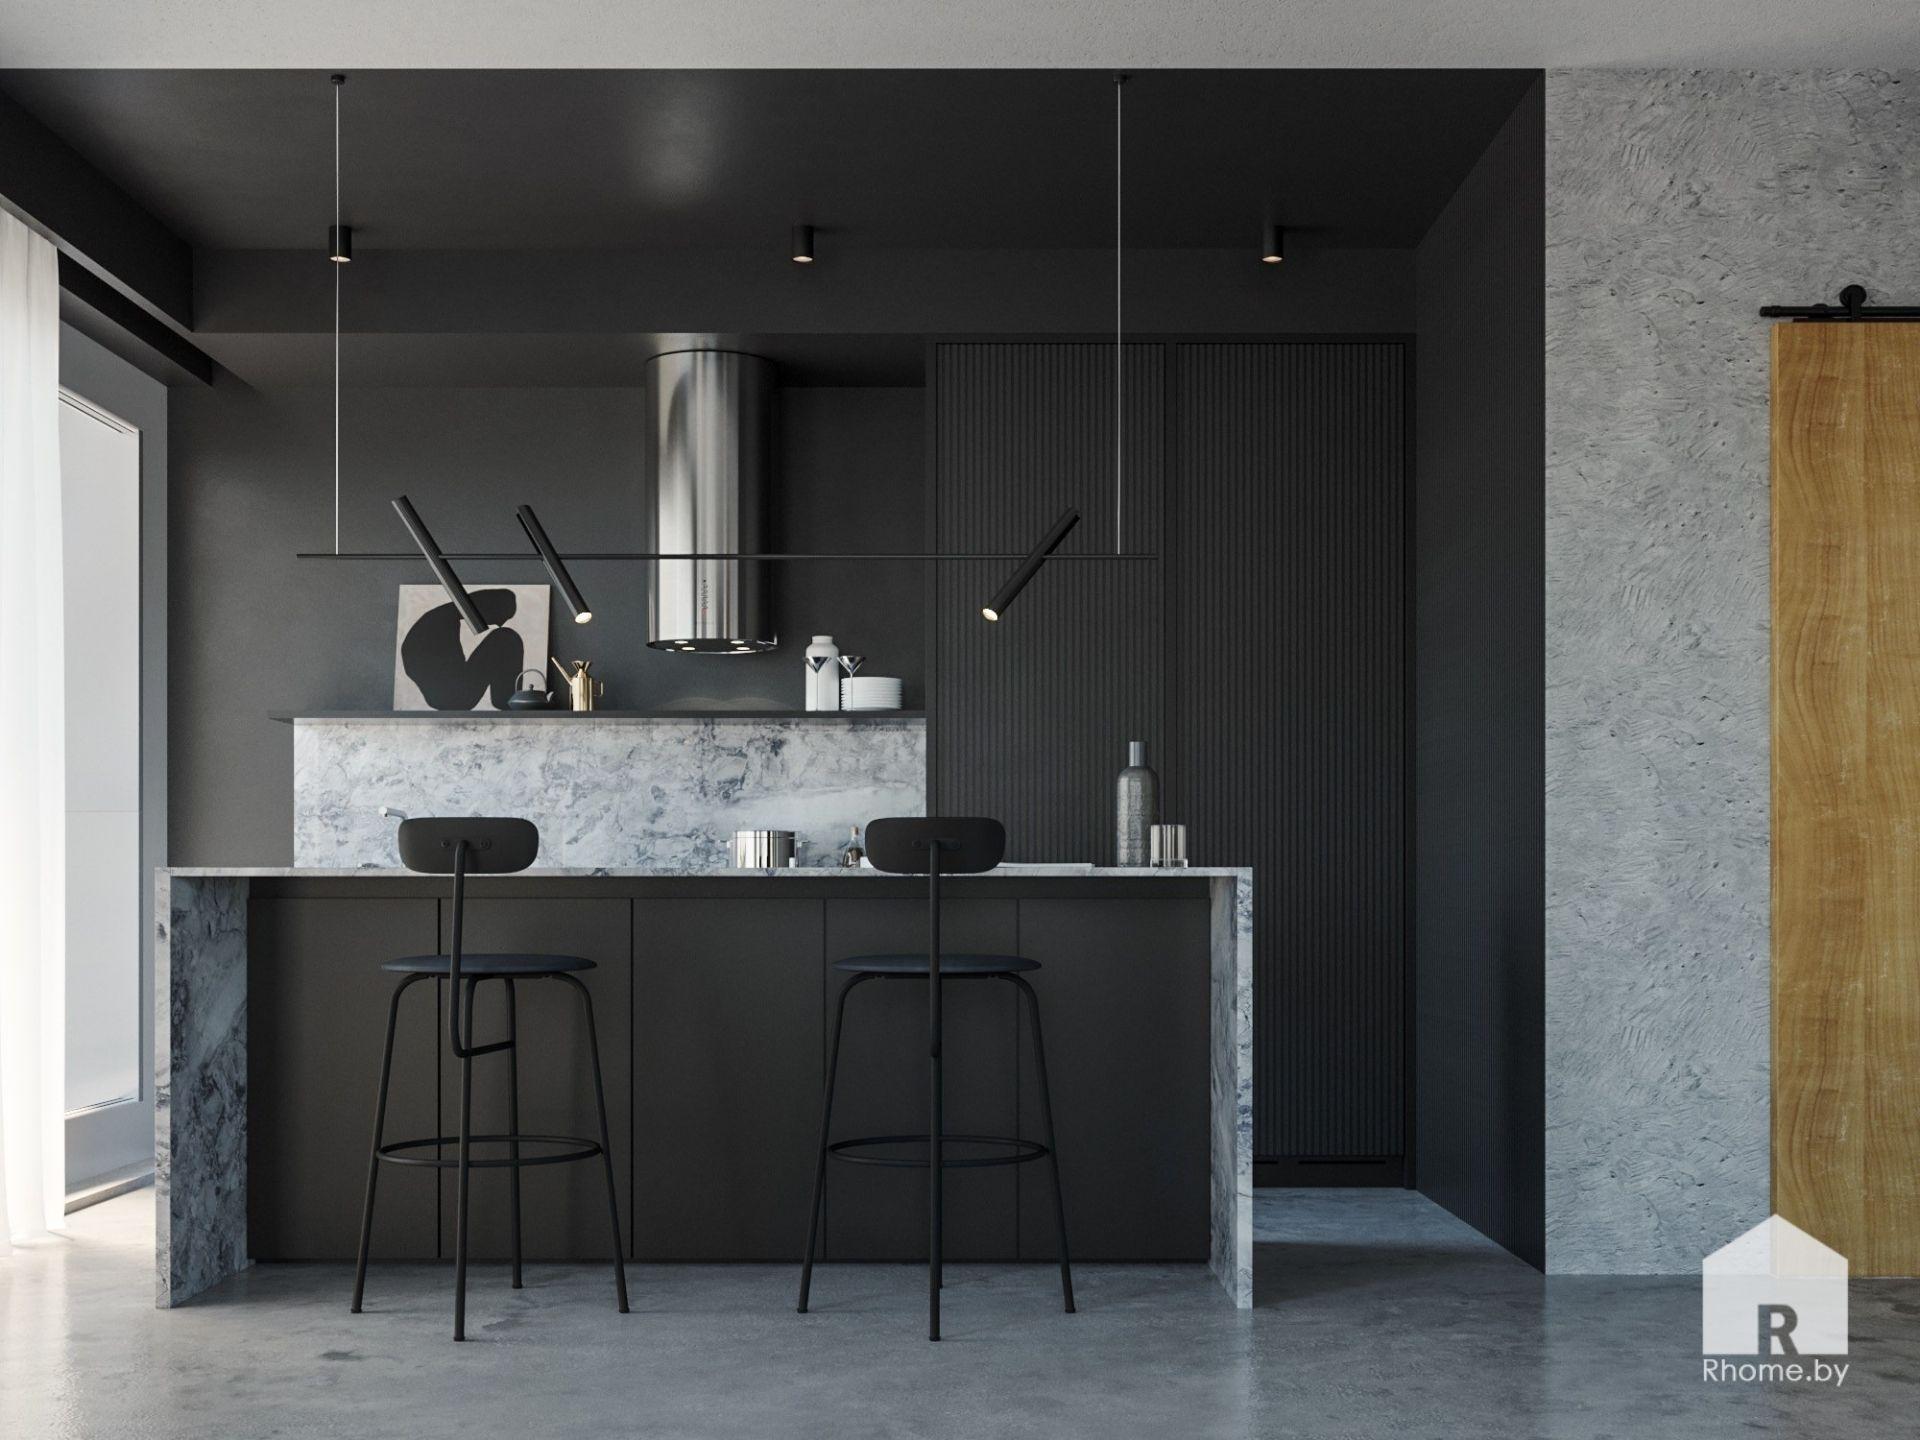 Зона кухни с рабочей зоной-островом и черными стенами и черным подвесным светильником.